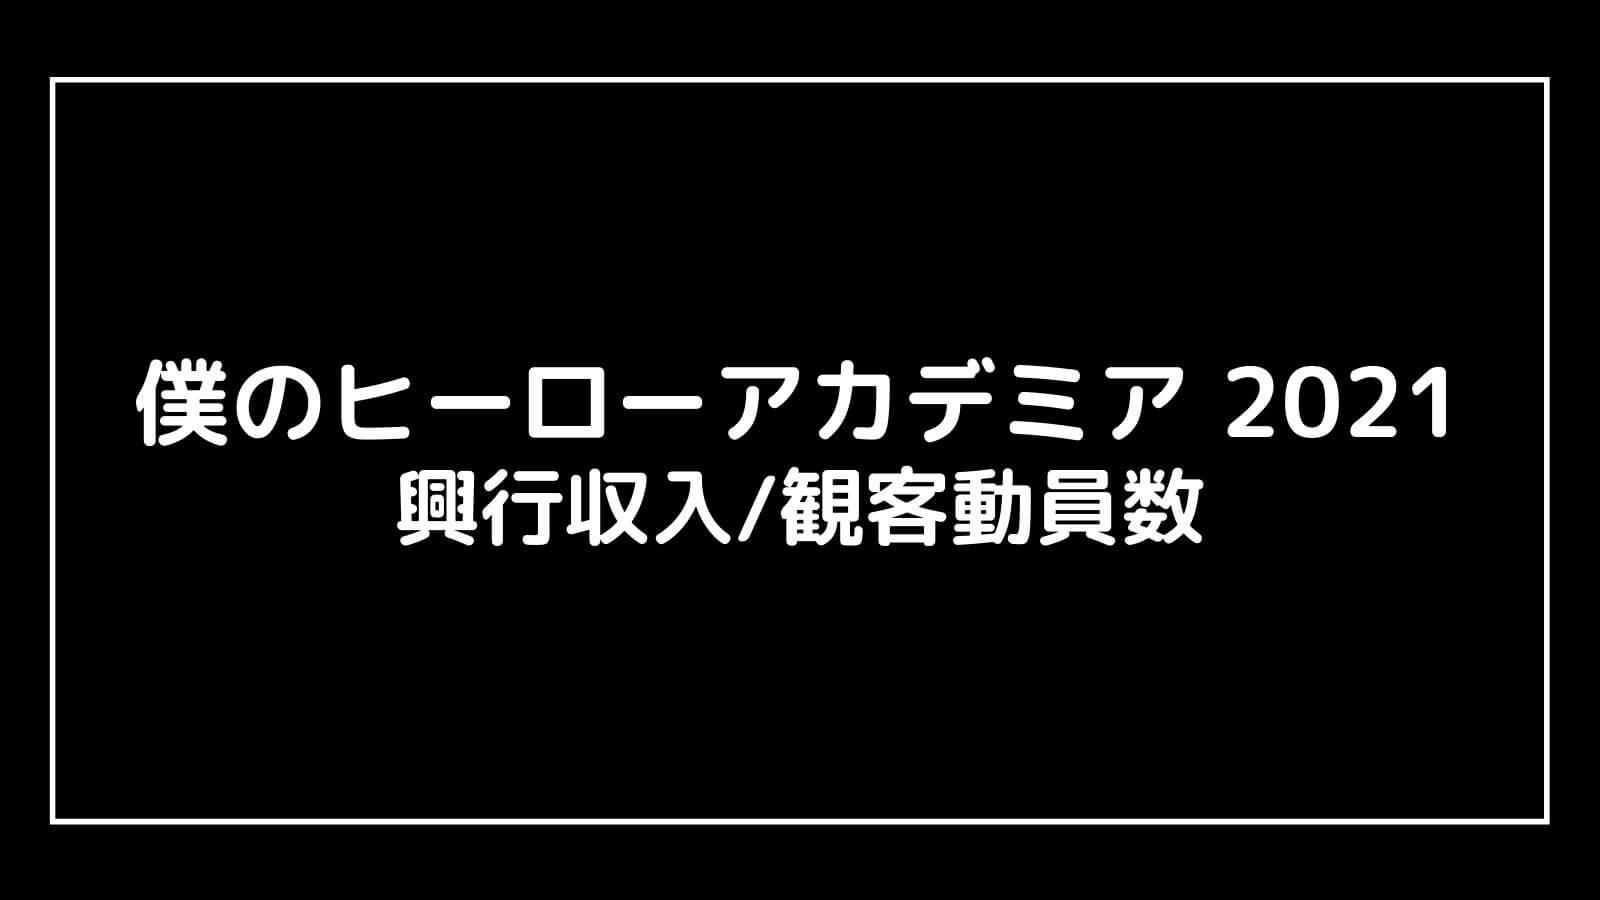 映画『僕のヒーローアカデミア3』興行収入推移と最終興収を元映画館社員が予想【ワールド ヒーローズ ミッション】